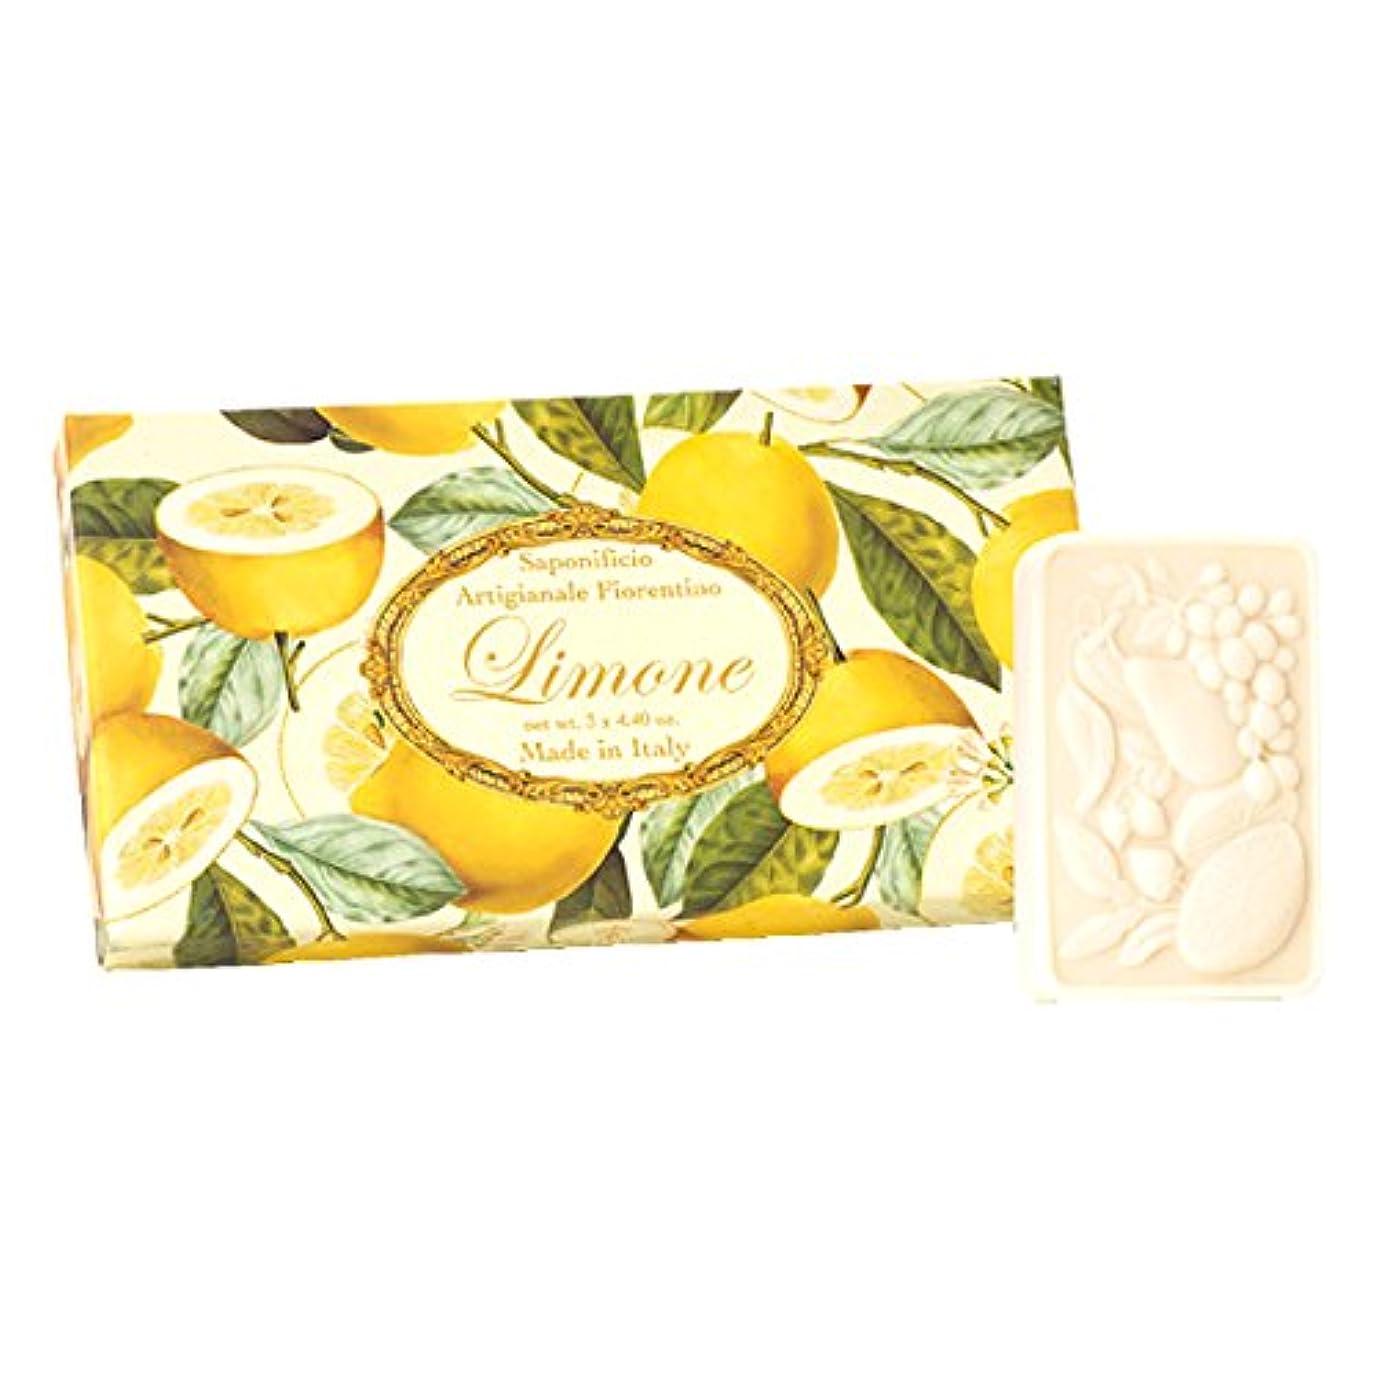 踏み台ストラップ石灰岩フィレンツェの 長い歴史から生まれたこだわり石鹸 レモン【刻印125g×3個セット】